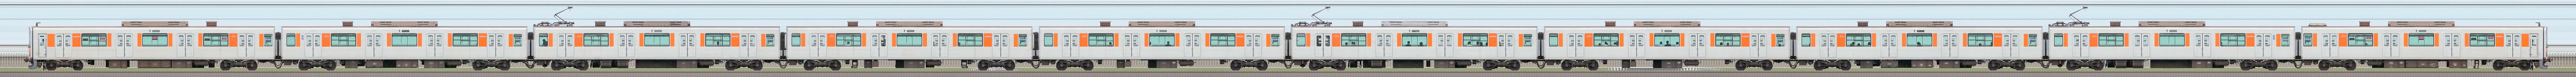 東武50050型51055編成(山側)の編成サイドビュー